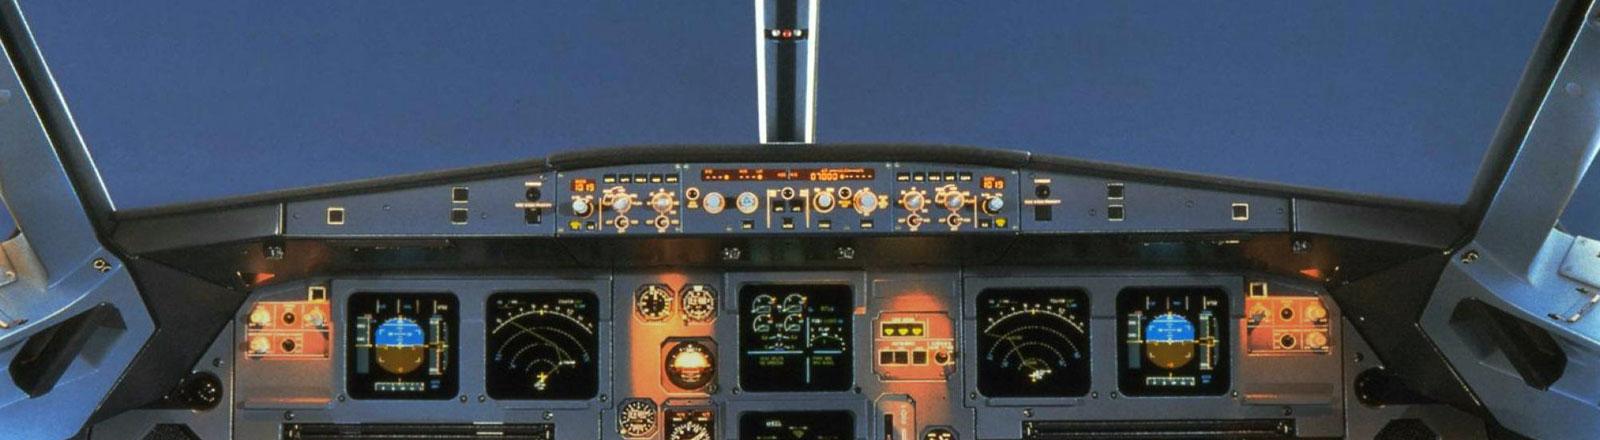 Blick in das Cockpit eines Airbus A 320.